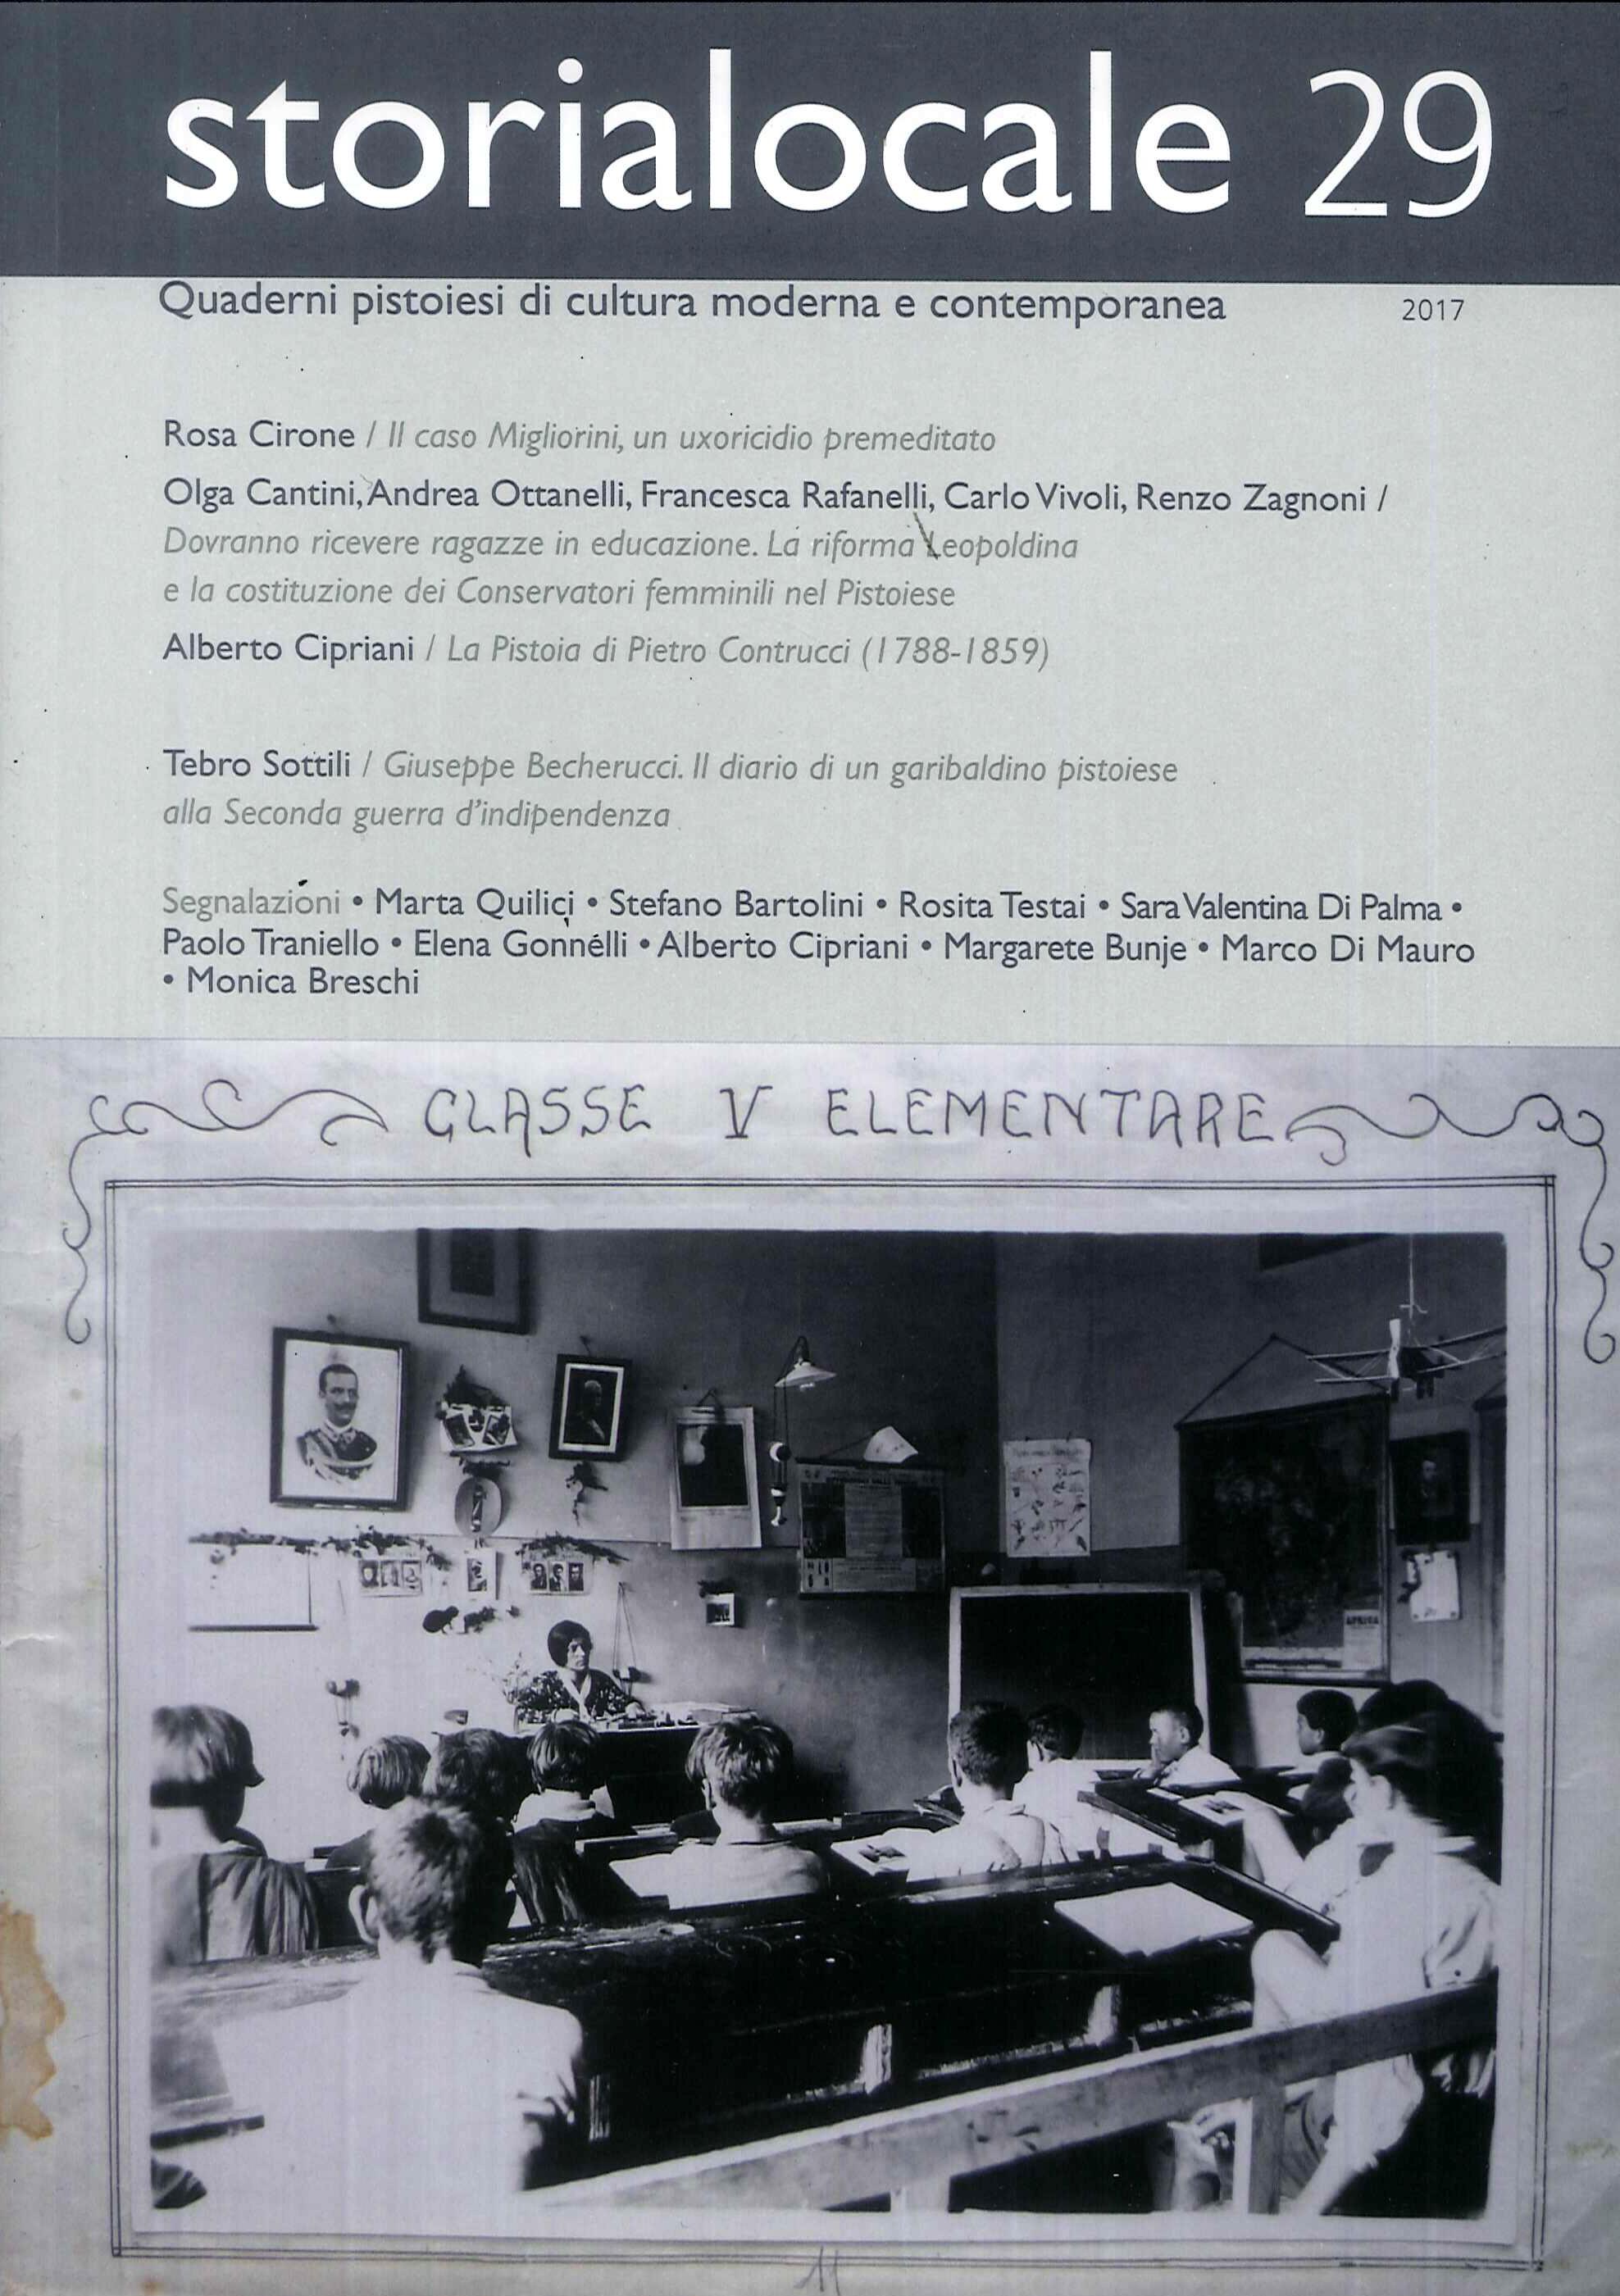 Storialocale. Quaderni pistoiesi di cultura moderna e contemporanea. Vol. 29